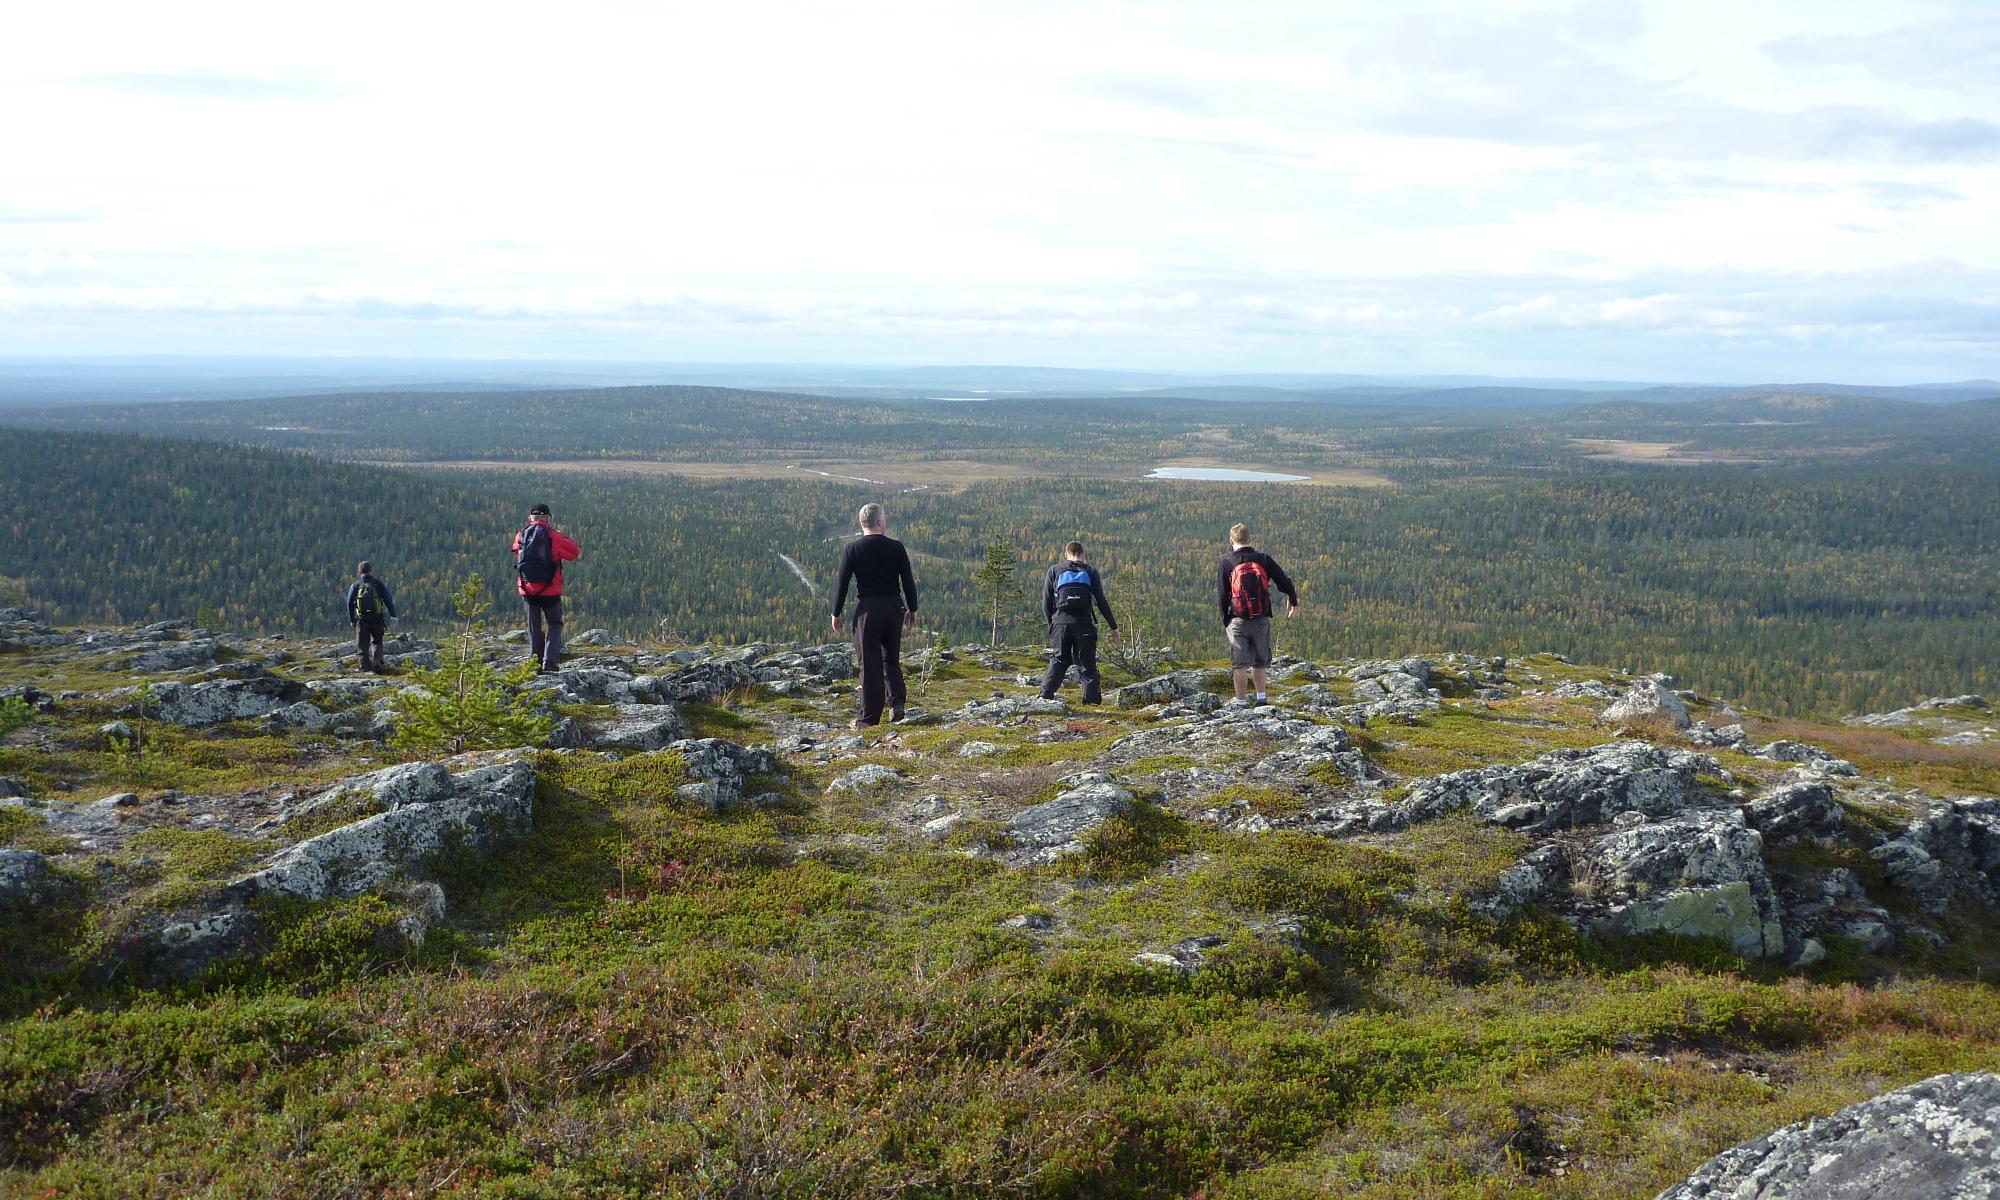 Hiking week in Lapland